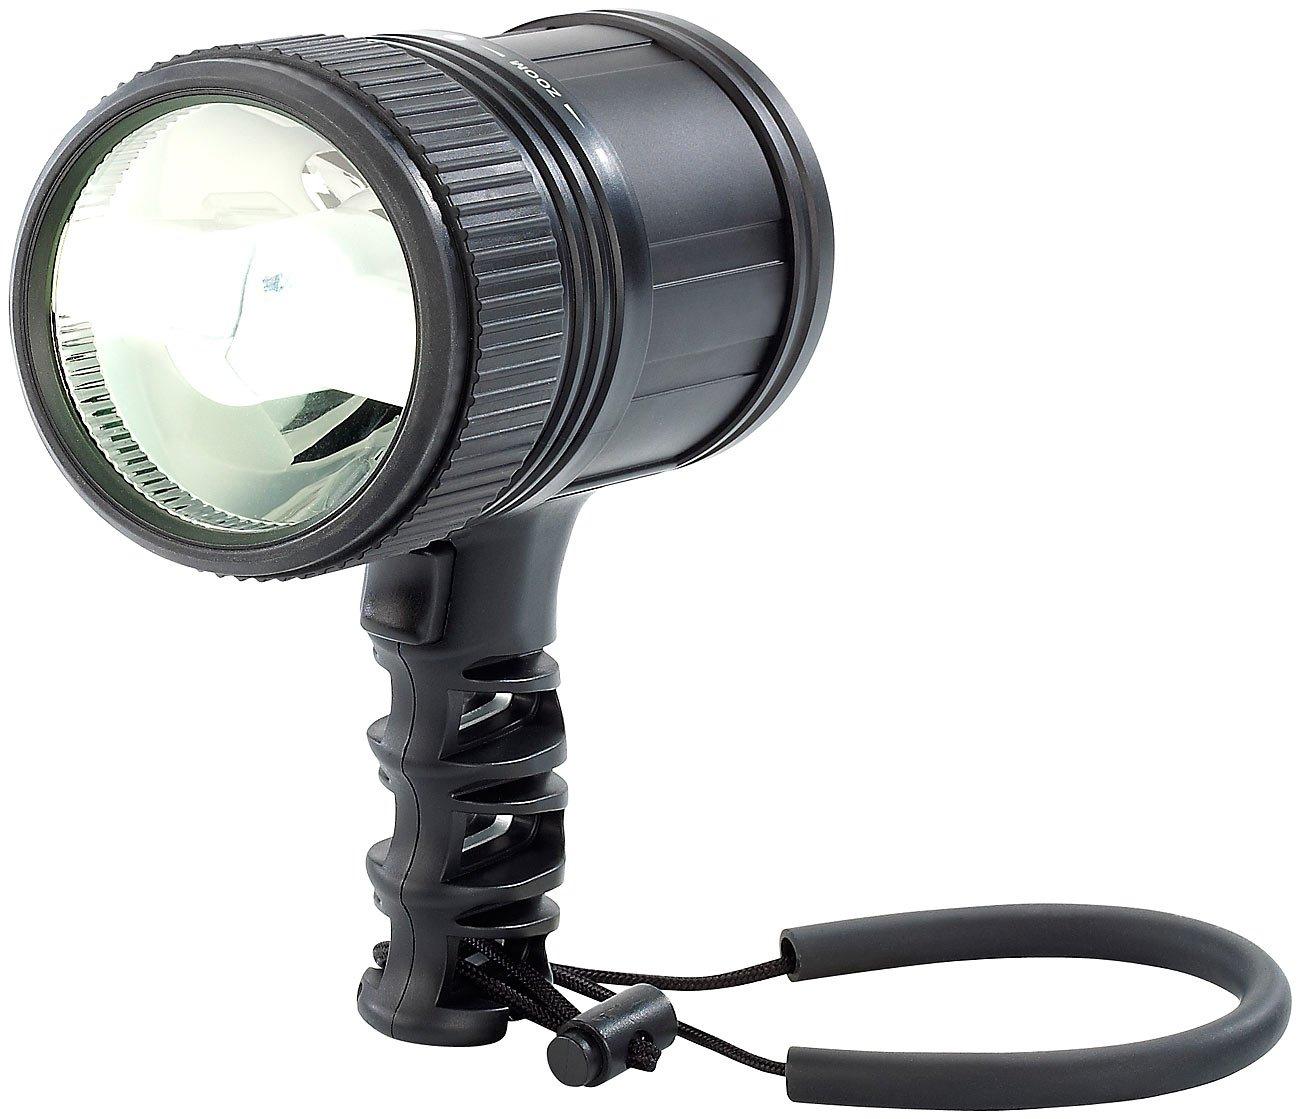 KryoLights Taschenlampen LED: LED-Handlampe 10 W, 480 Lumen, für bis zu 350 m Leuchtweite (Hand-Suchscheinwerfer LED)